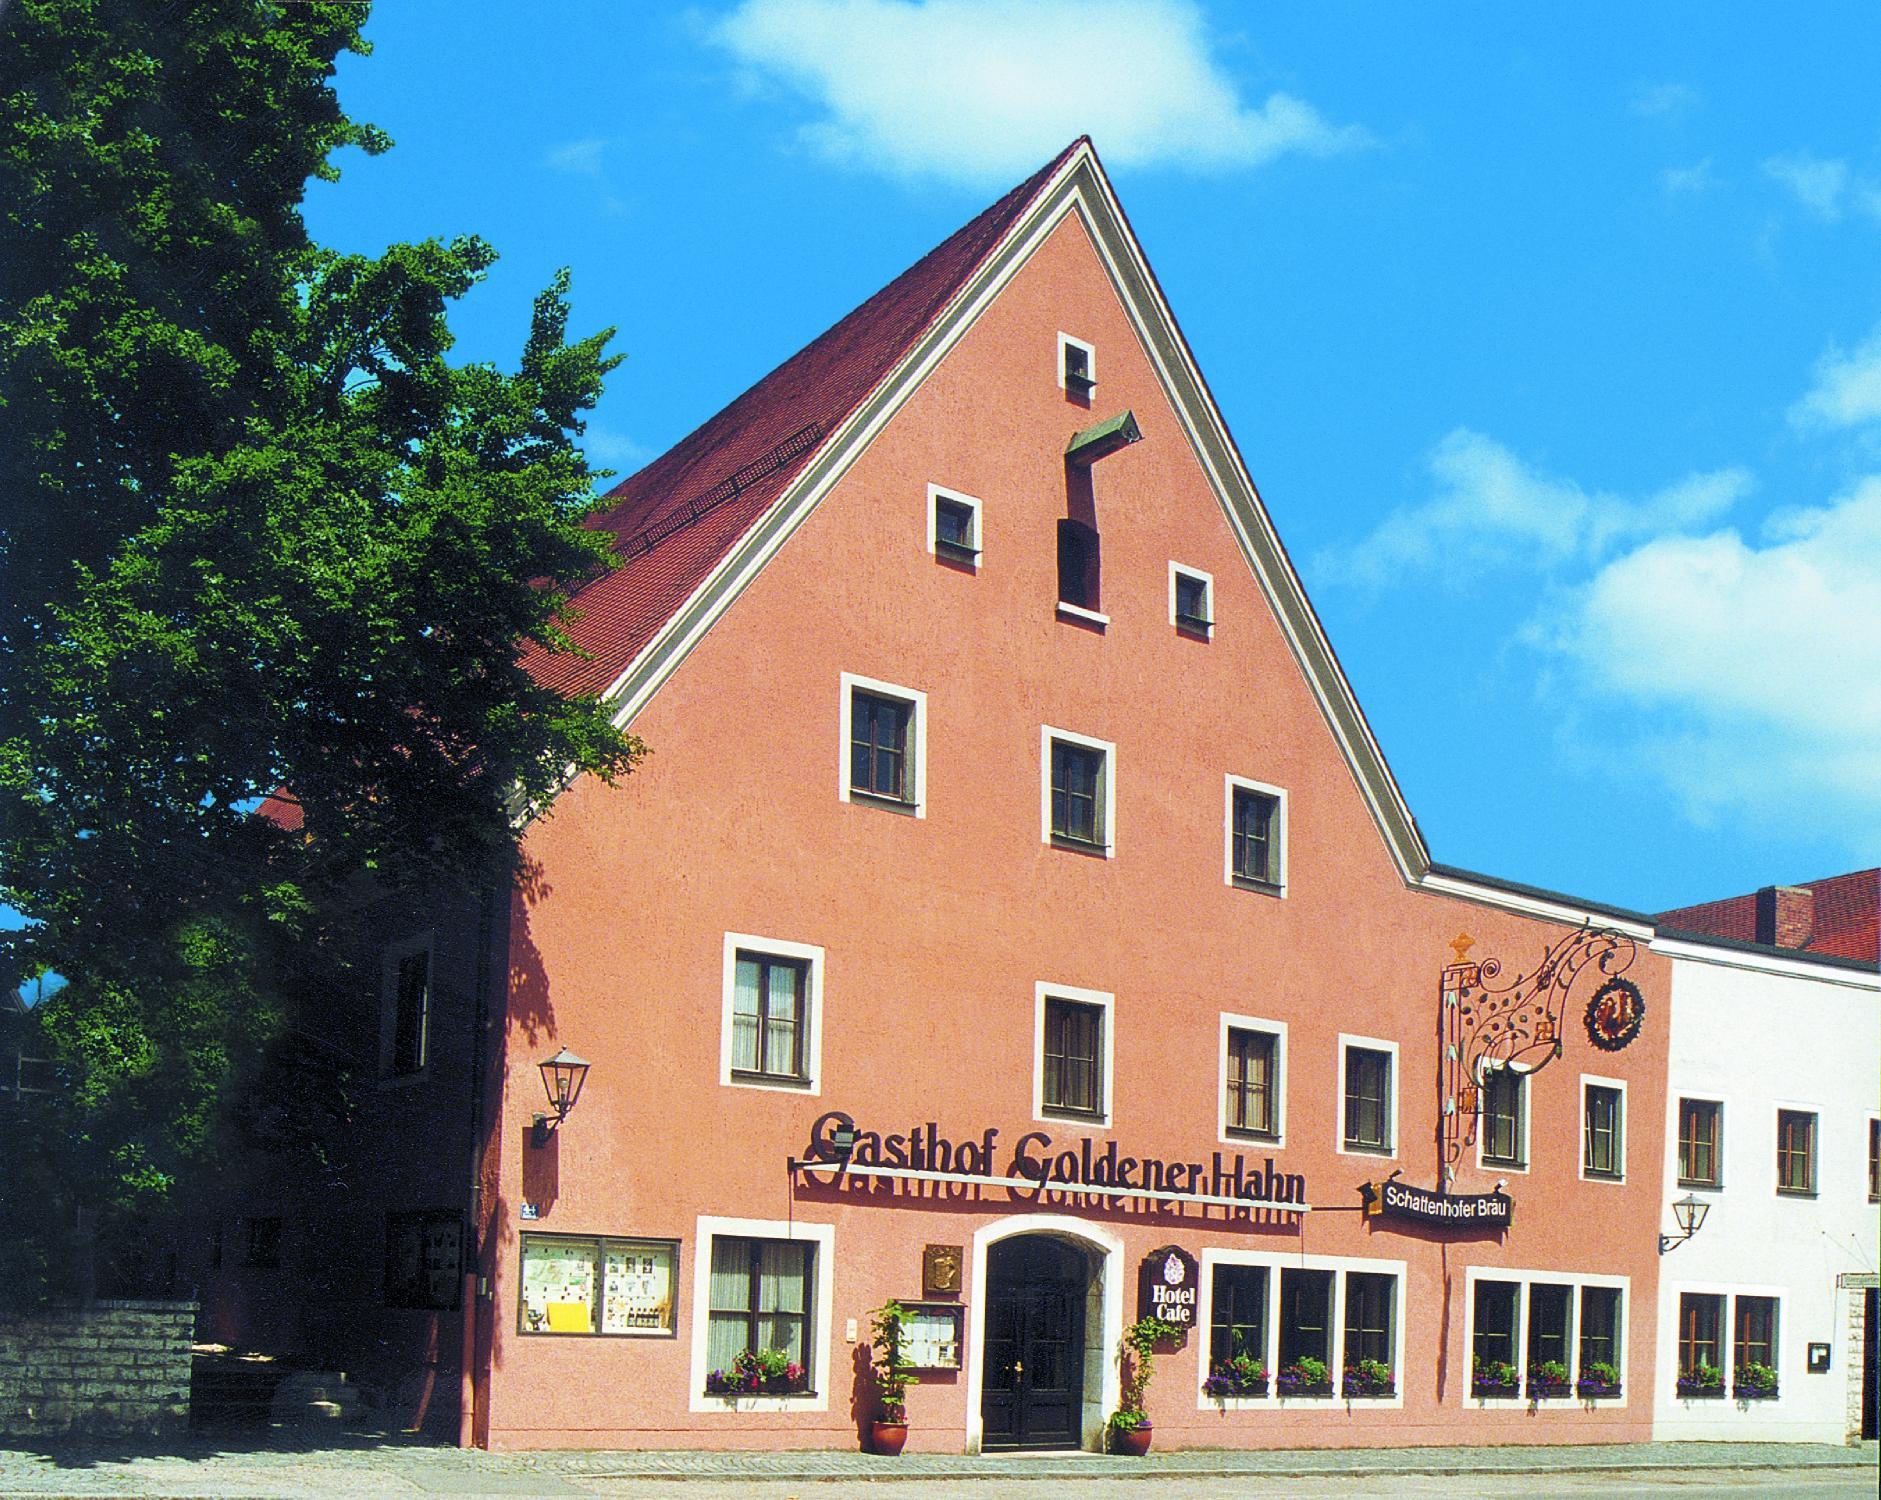 Schattenhofer Brauereigasthof